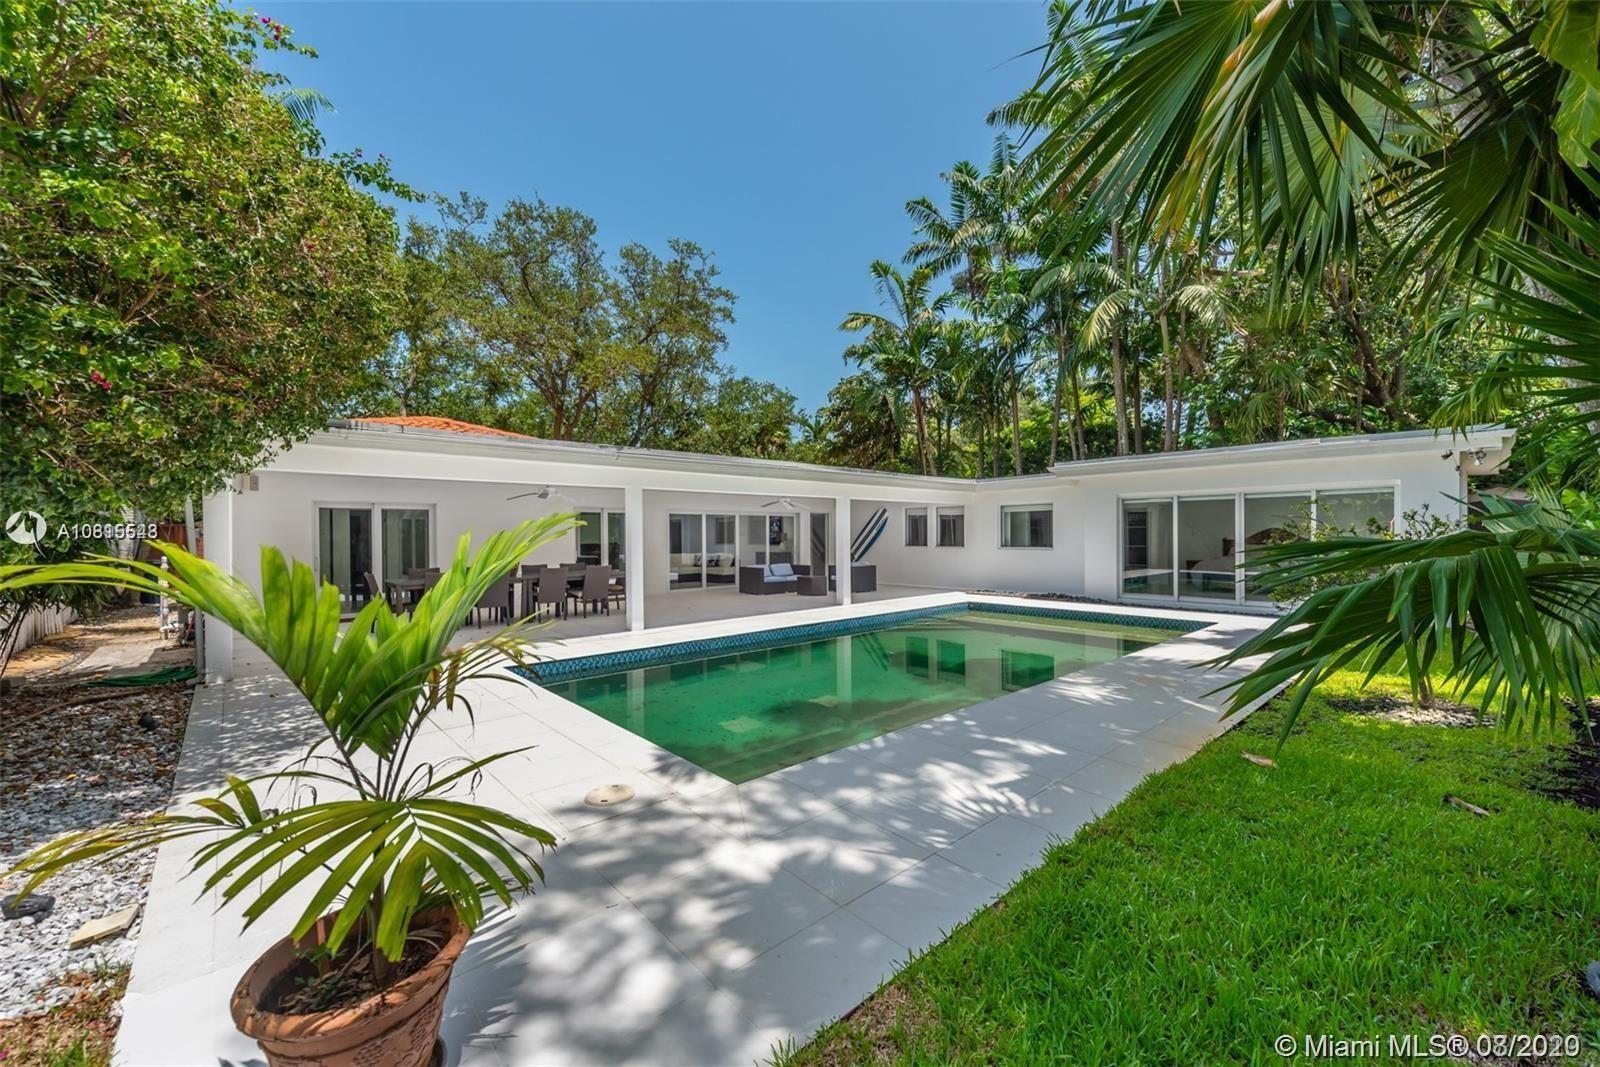 7420 SW 53rd Ct, Miami, FL 33143 - #: A10815548